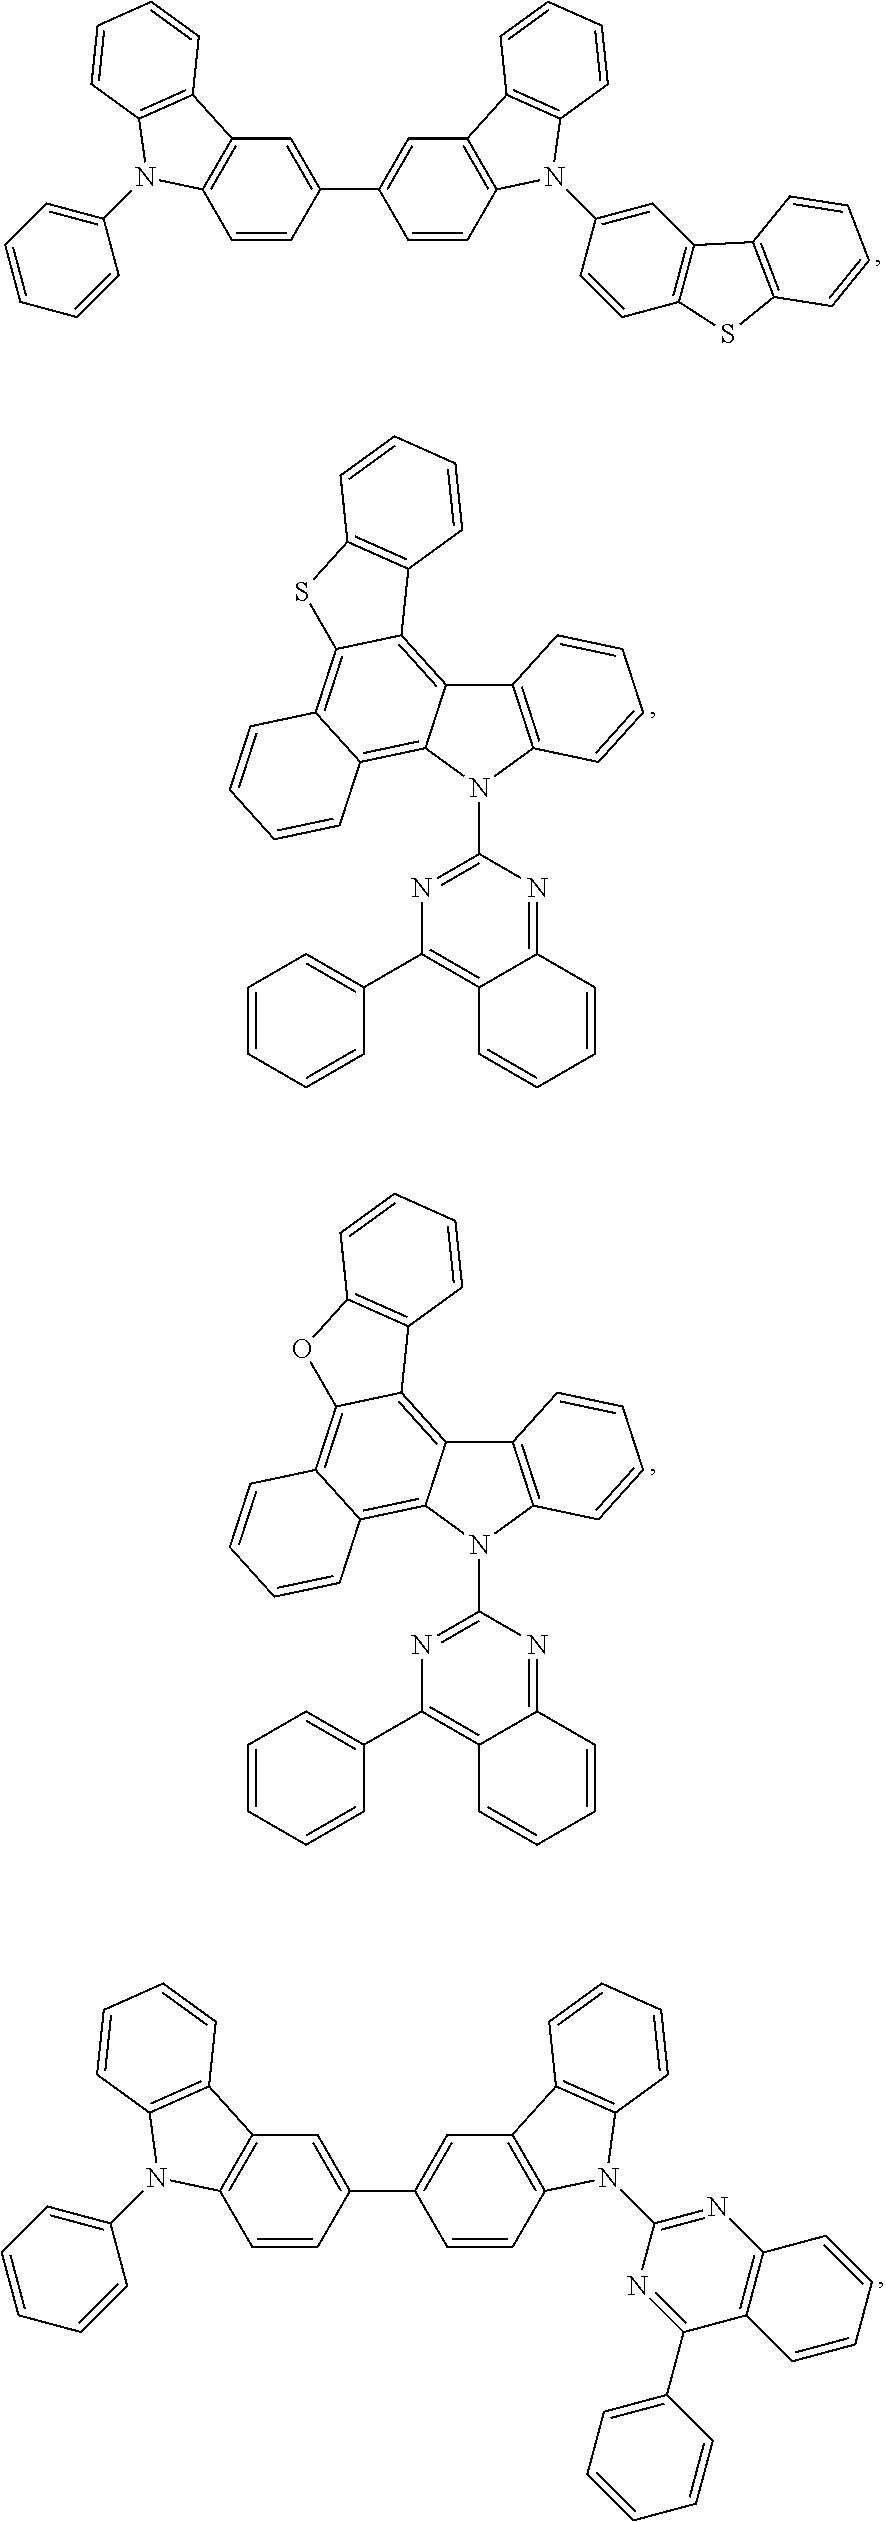 Figure US20180076393A1-20180315-C00054